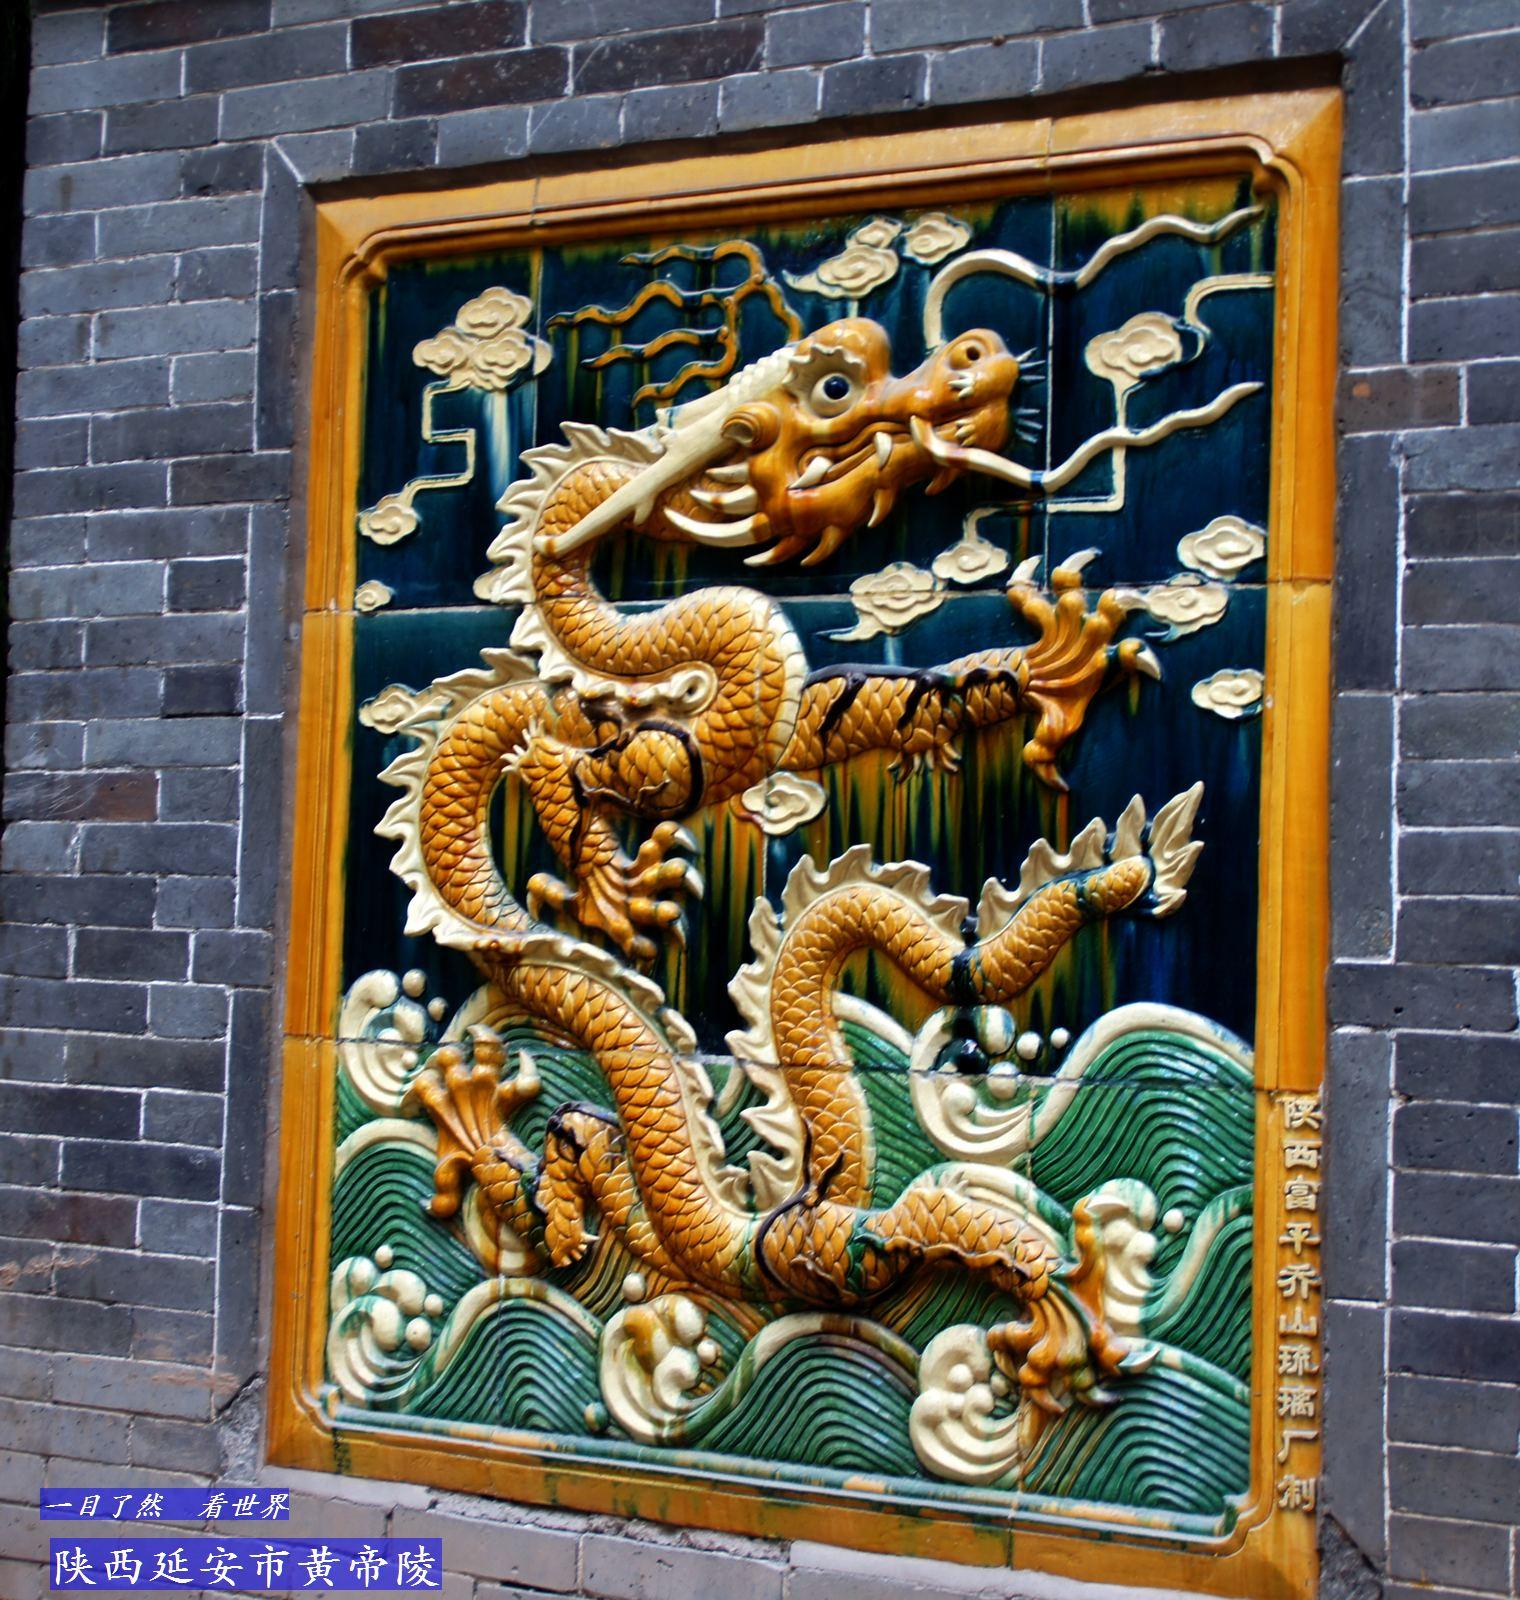 黄帝陵景区--73-1600.jpg